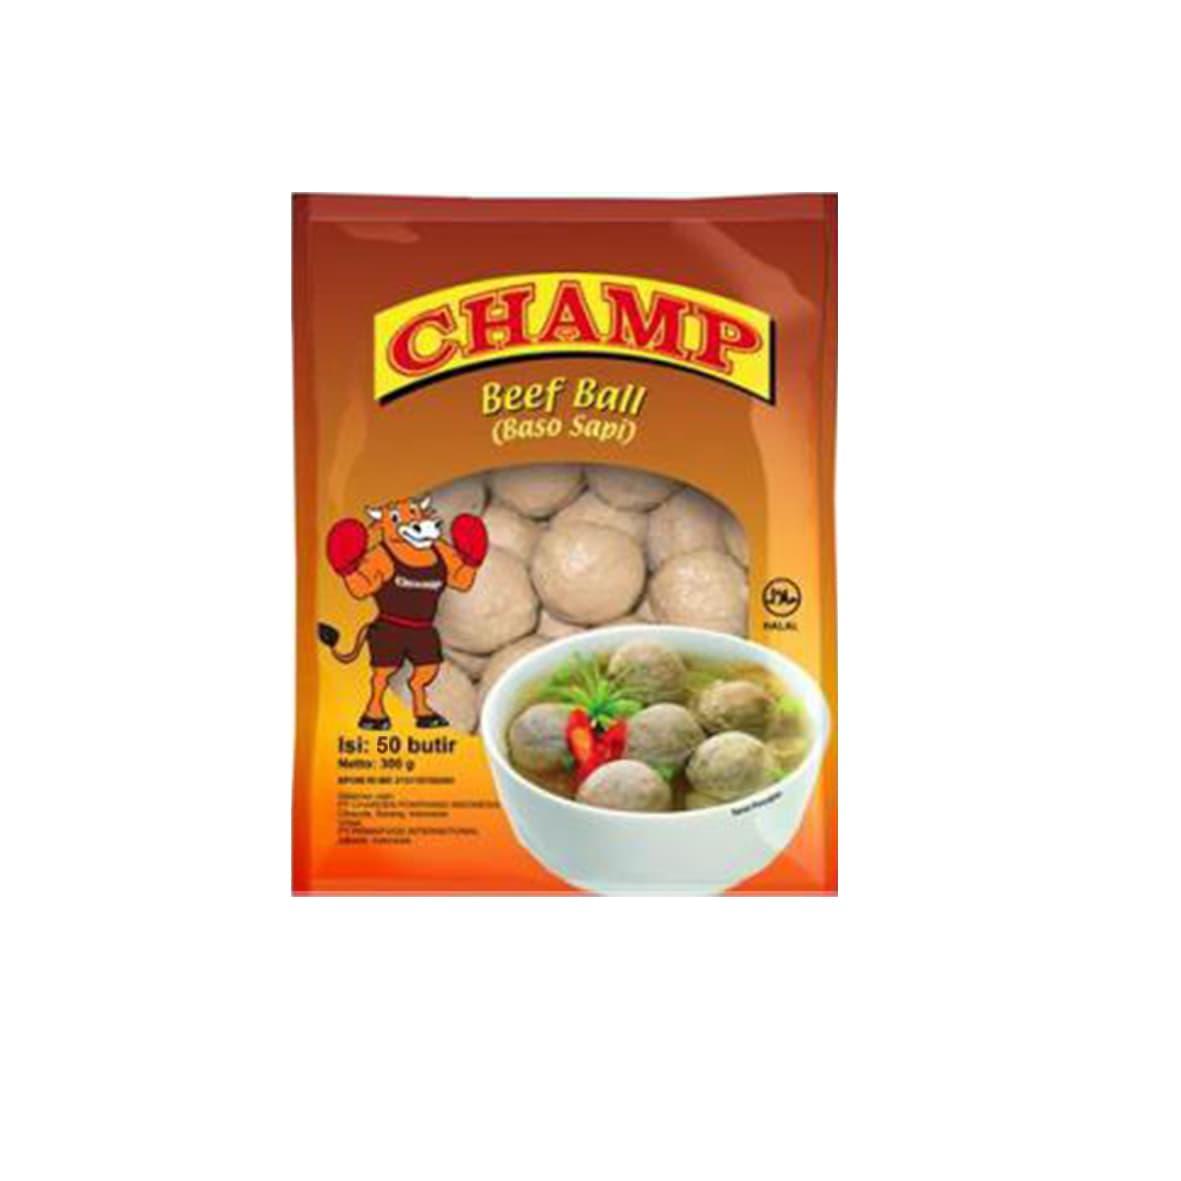 Champ Paket Beef Ball Makanan Instant 500 G/50 Butir (3 Pcs)